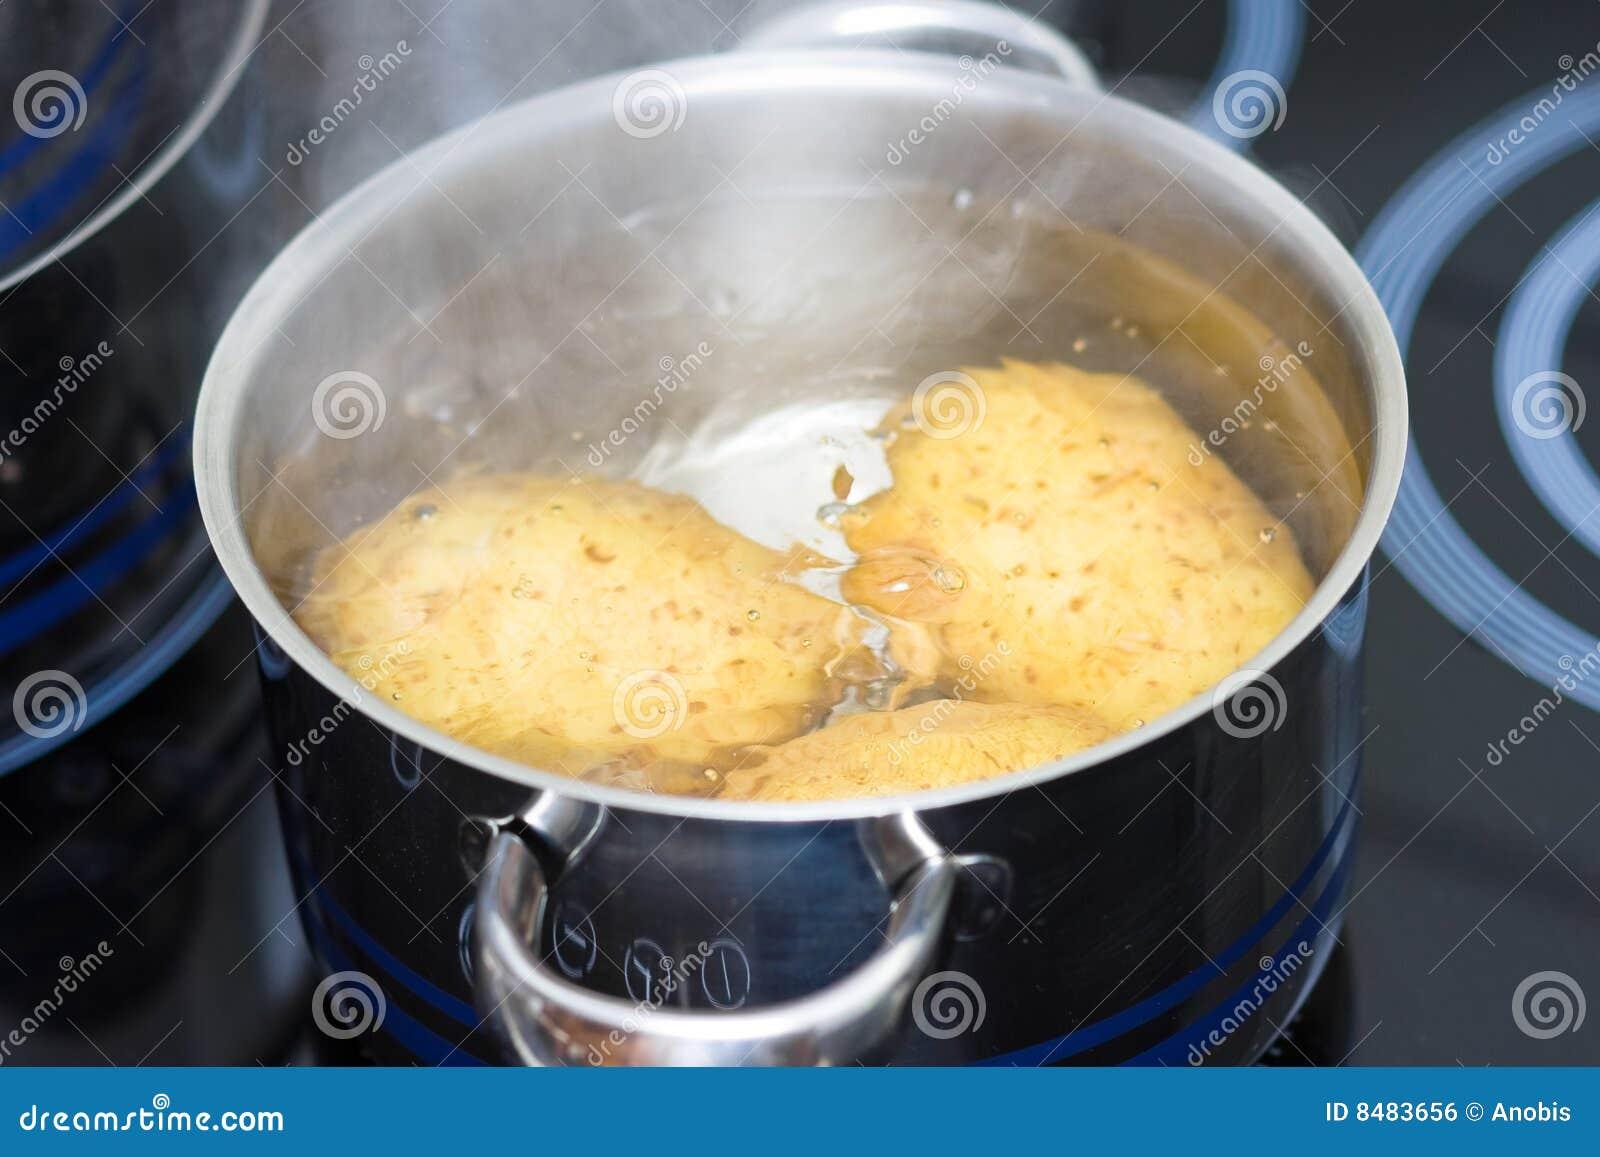 Het koken in water royalty vrije stock afbeelding beeld 8483656 - Koken afbeelding ...